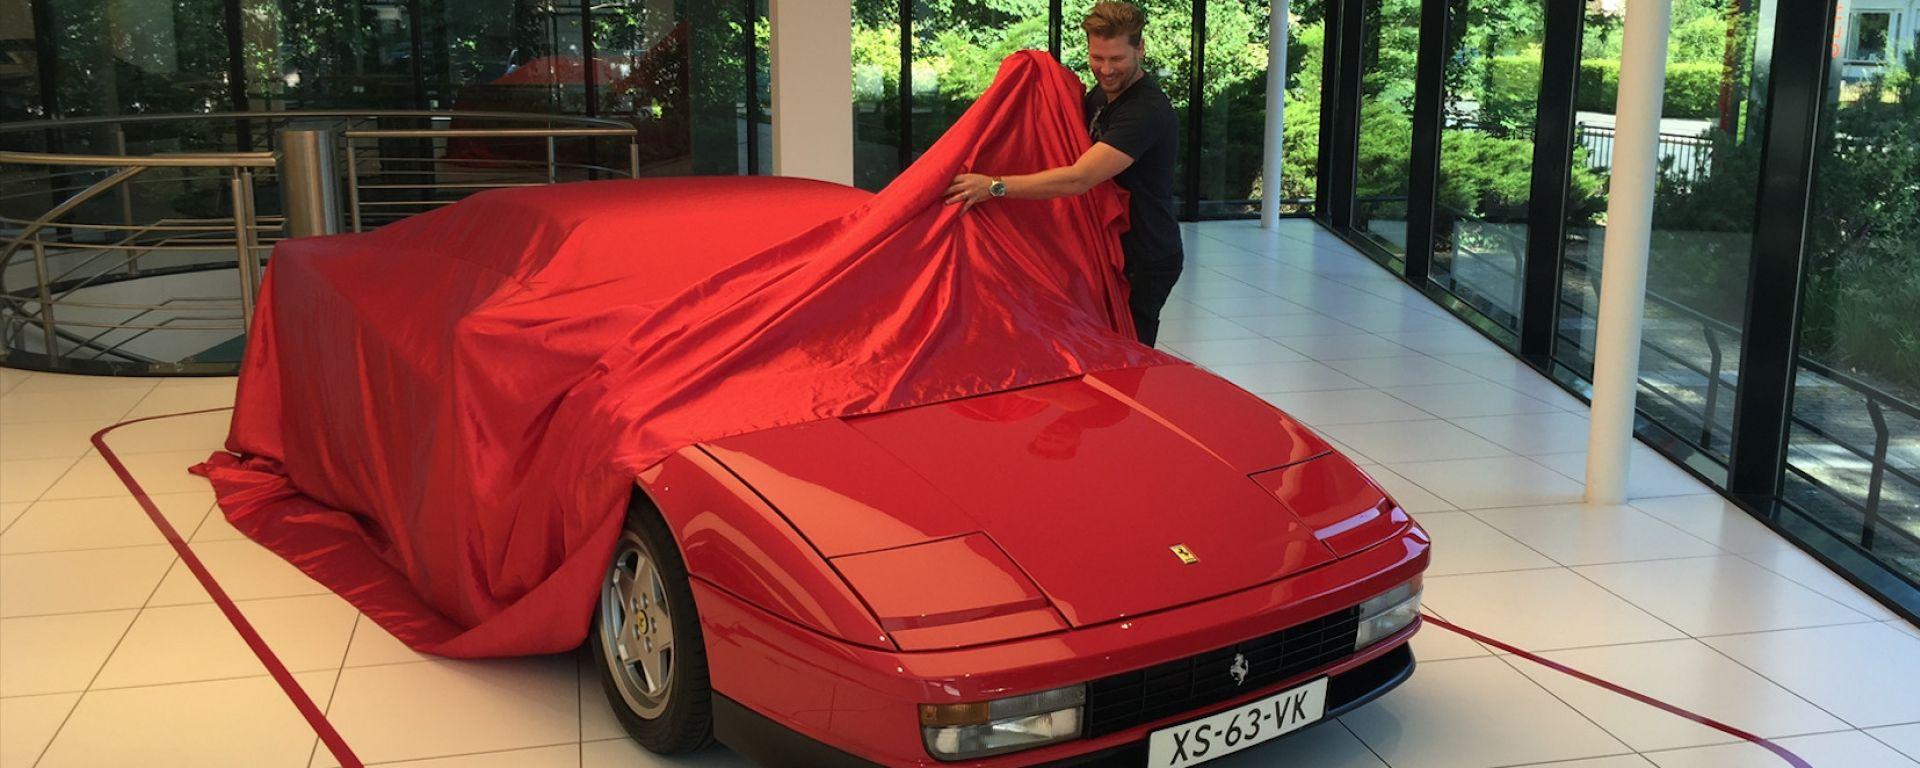 Collezionare Ferrari senza essere milionari, intervista a Scott Chivers